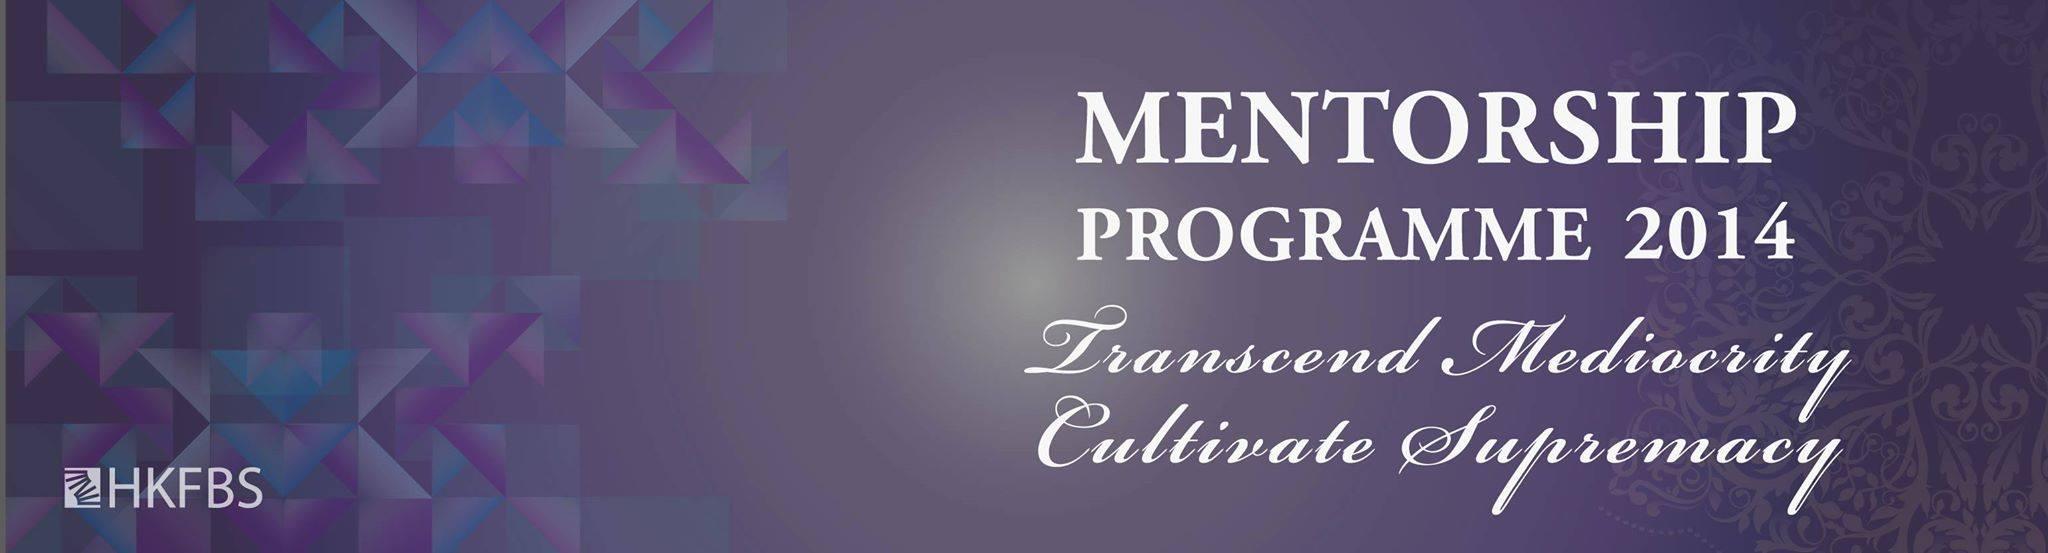 Mentorship Programme 2014